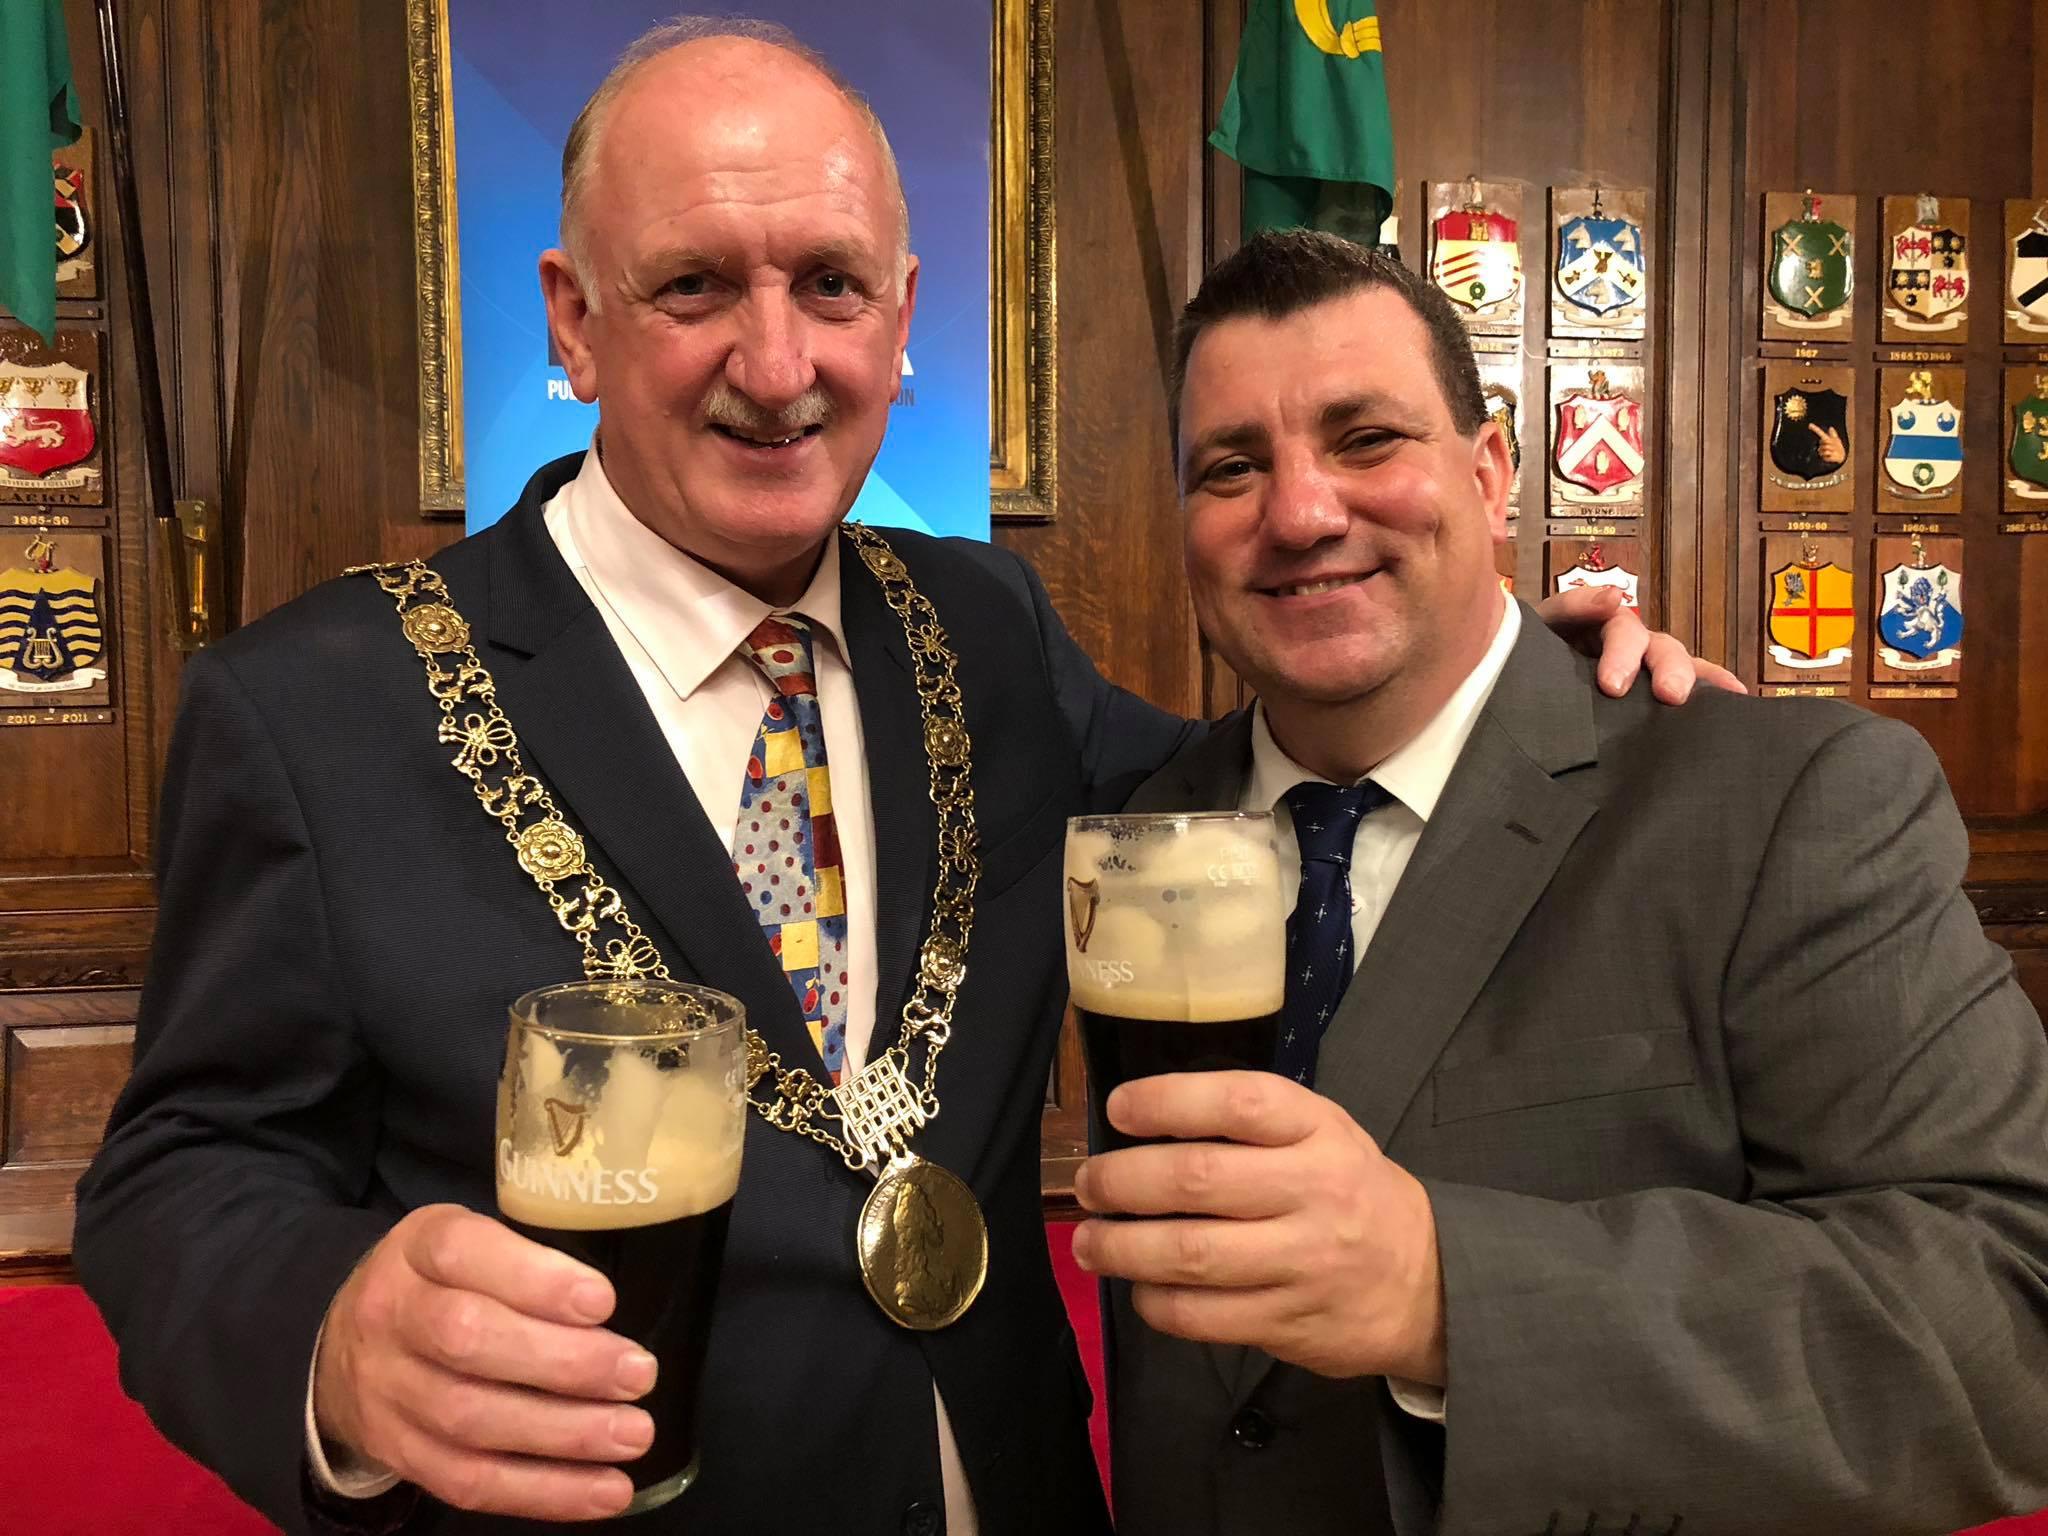 Jürgen Gangoly mit dem Bürgermeister von Dublin beim Guiness trinken